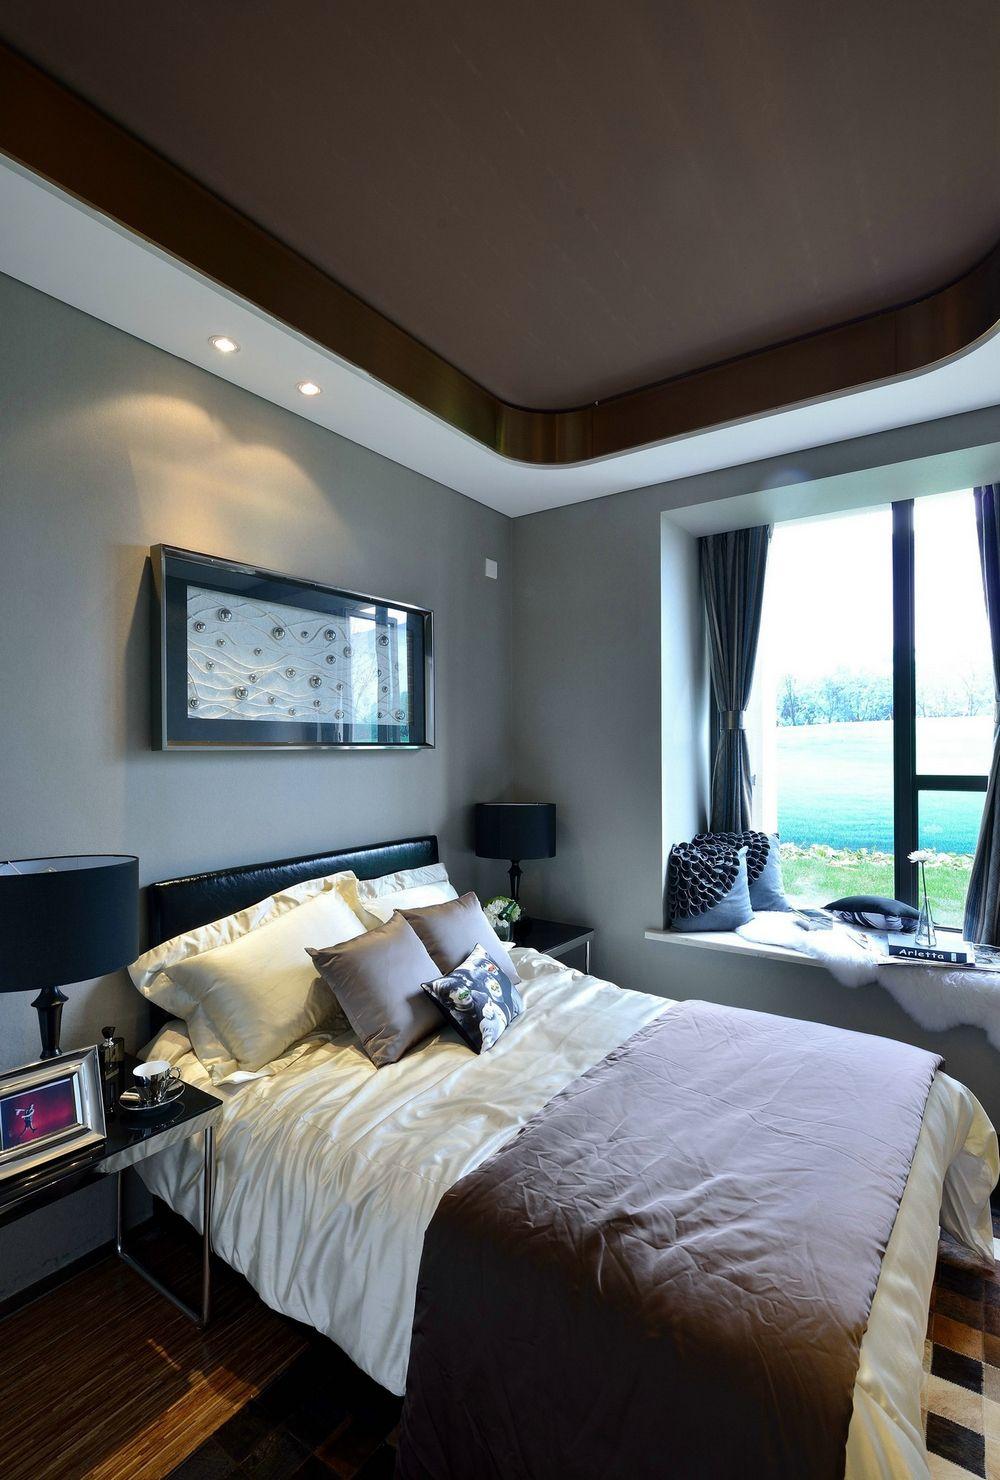 Wohndesign schlafzimmer farben comforter sets  schlafzimmer  pinterest  schlafzimmer